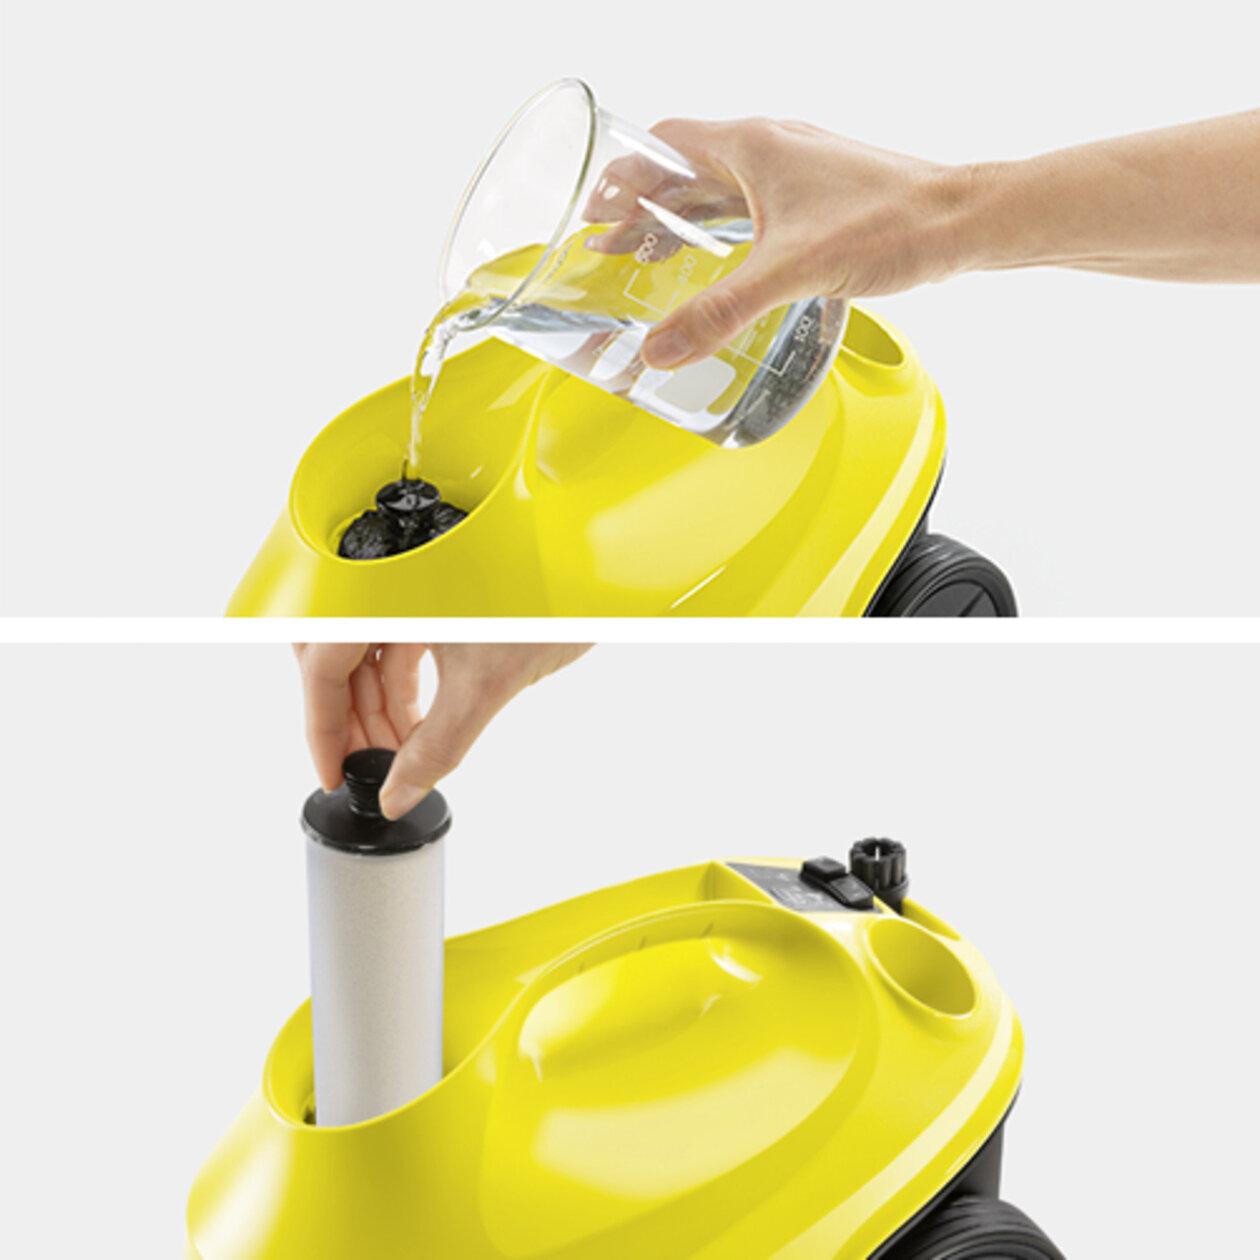 Пароочиститель SC 3 EasyFix: Возможность доливки воды без перерыва в работе